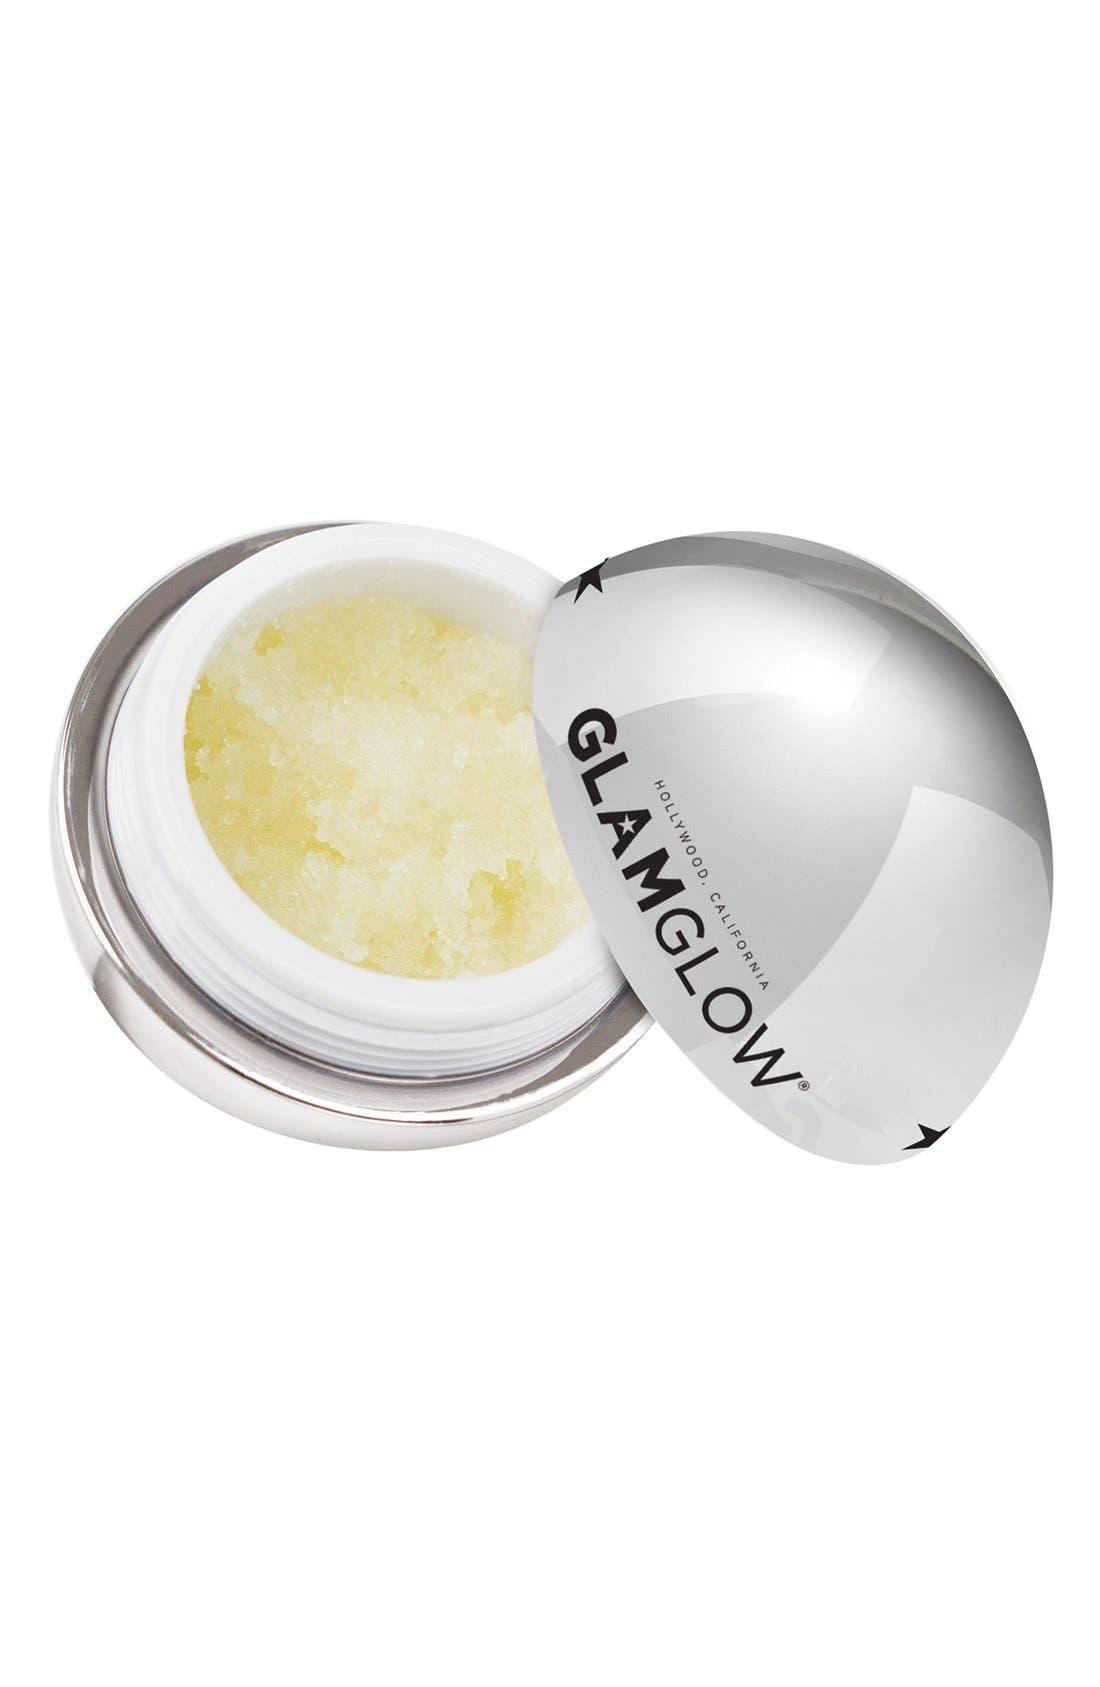 POUTMUD<sup>™</sup> Fizzy Lip Exfoliating Treatment,                             Main thumbnail 1, color,                             NO COLOR